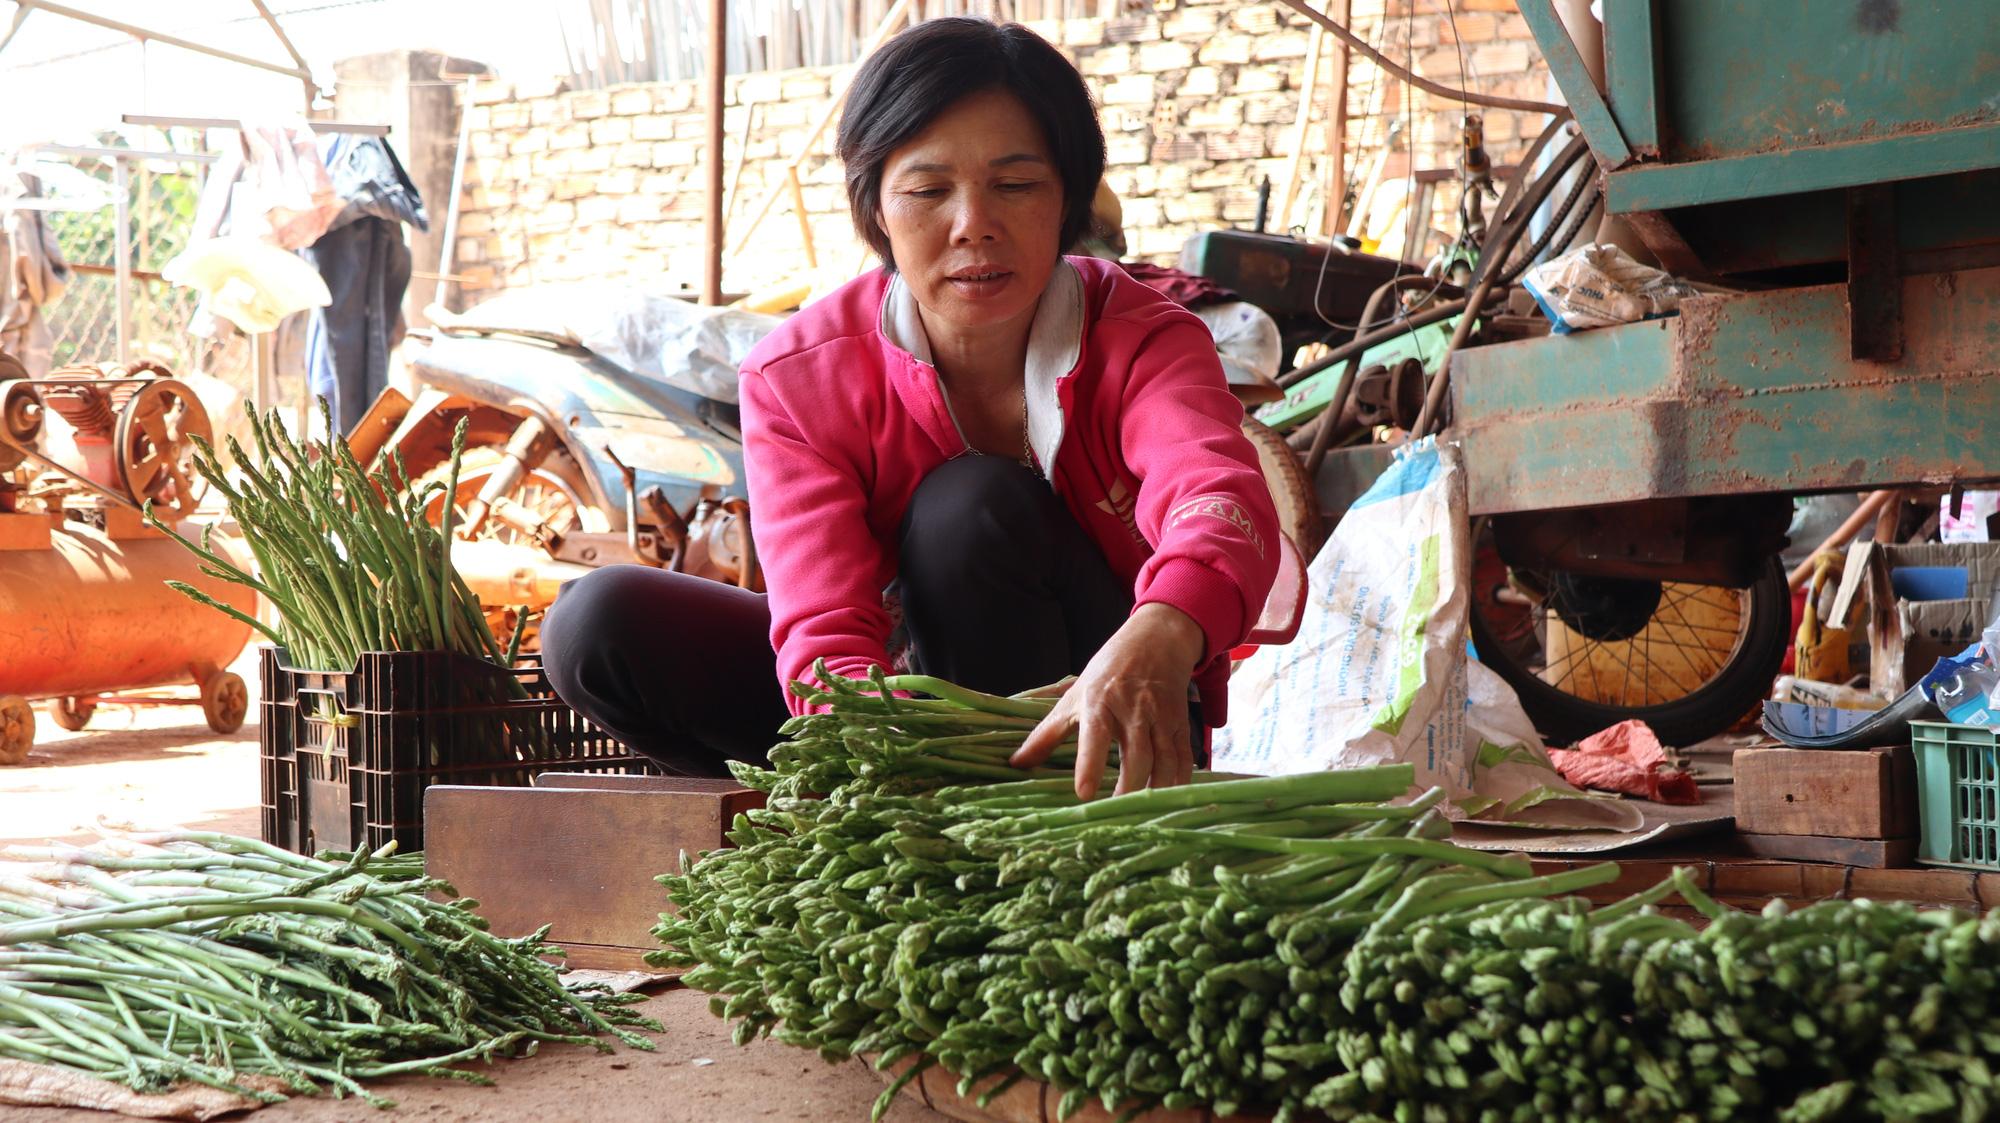 Đánh liều phá cà phê trồng măng tây, mỗi ngày thu 400kg, bán cho thương lái 60.000 đồng/kg - Ảnh 7.